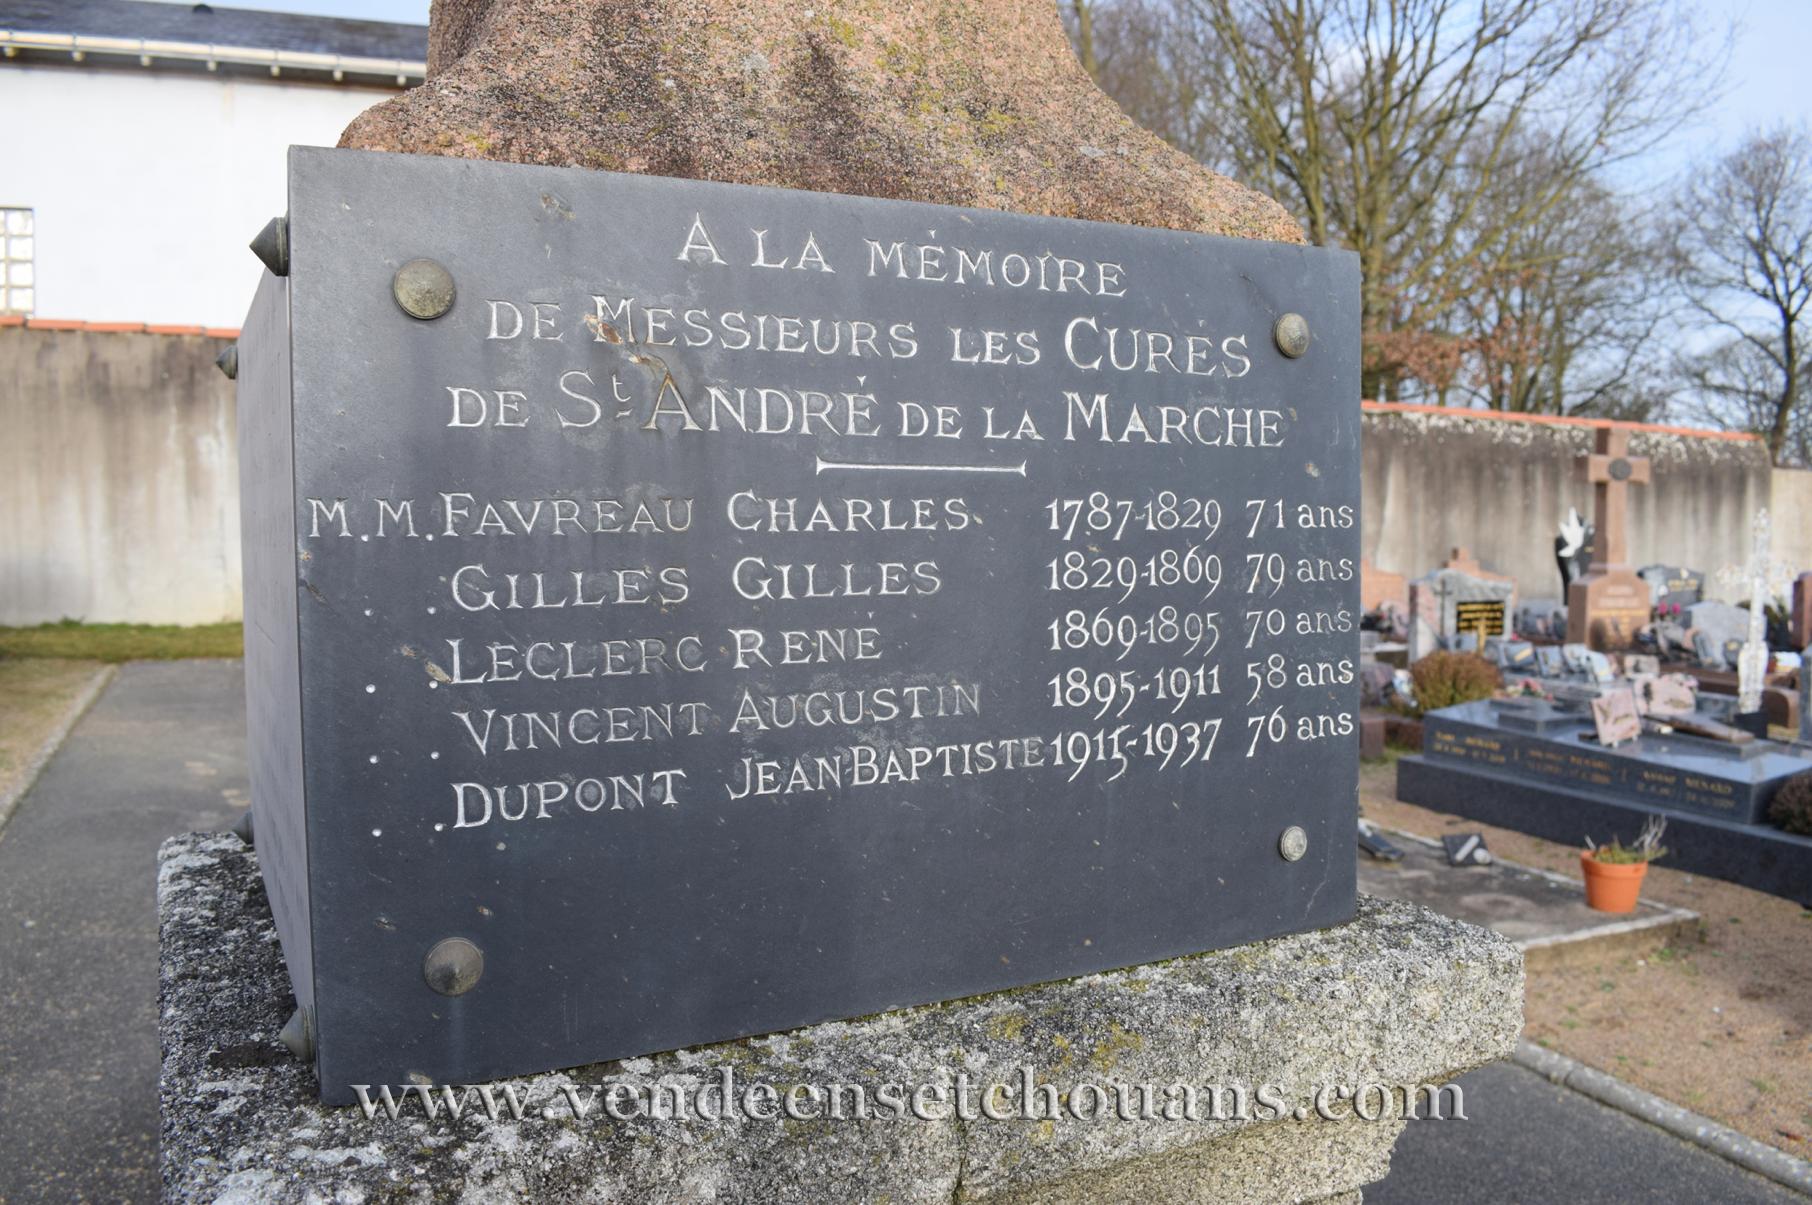 L'abbé Favreau, curé clandestin de Saint-André-de-la-Marche